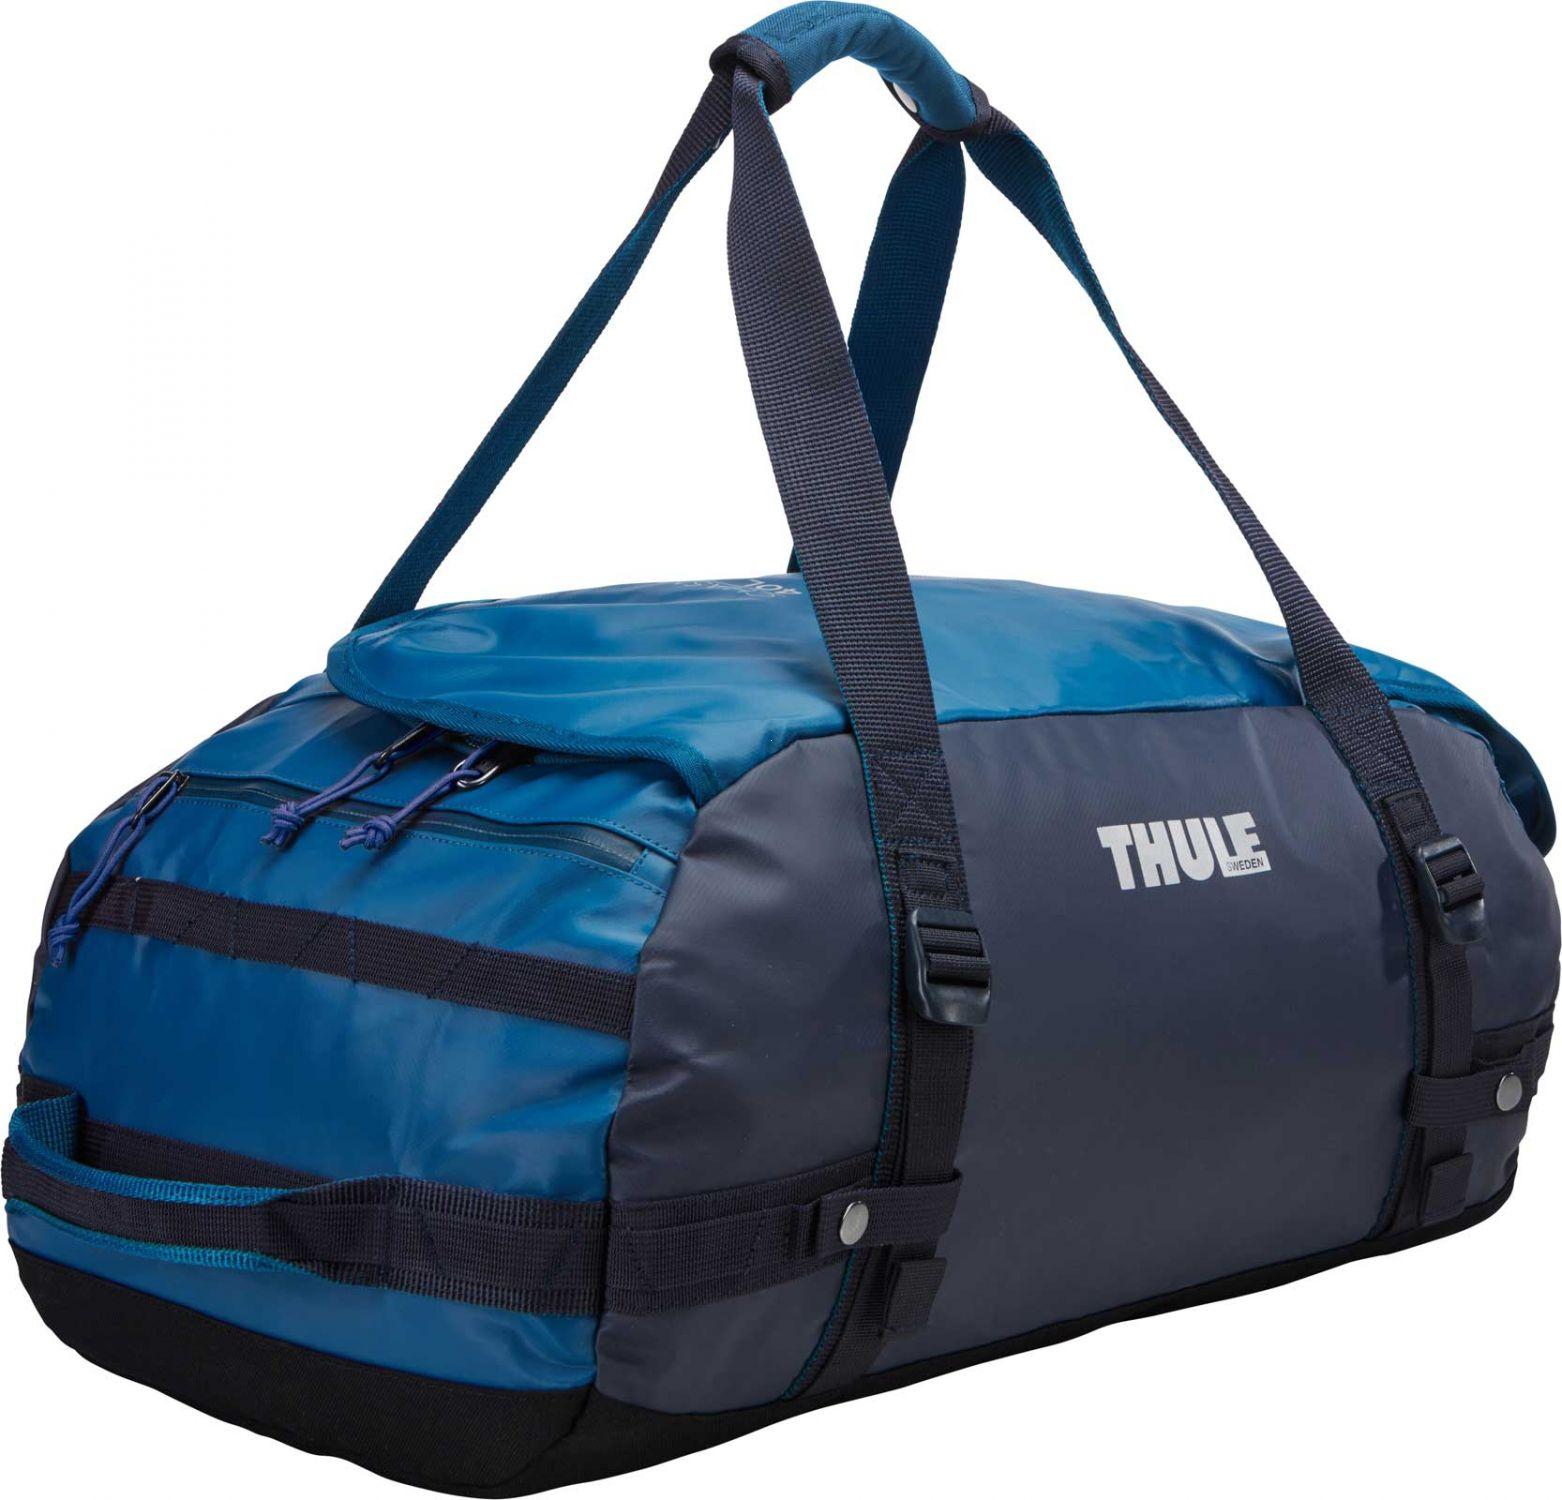 19a6a0ba5d857 Torba sportowa-podróżna, plecak, 40 litrów marki Thule z kolekcji ...